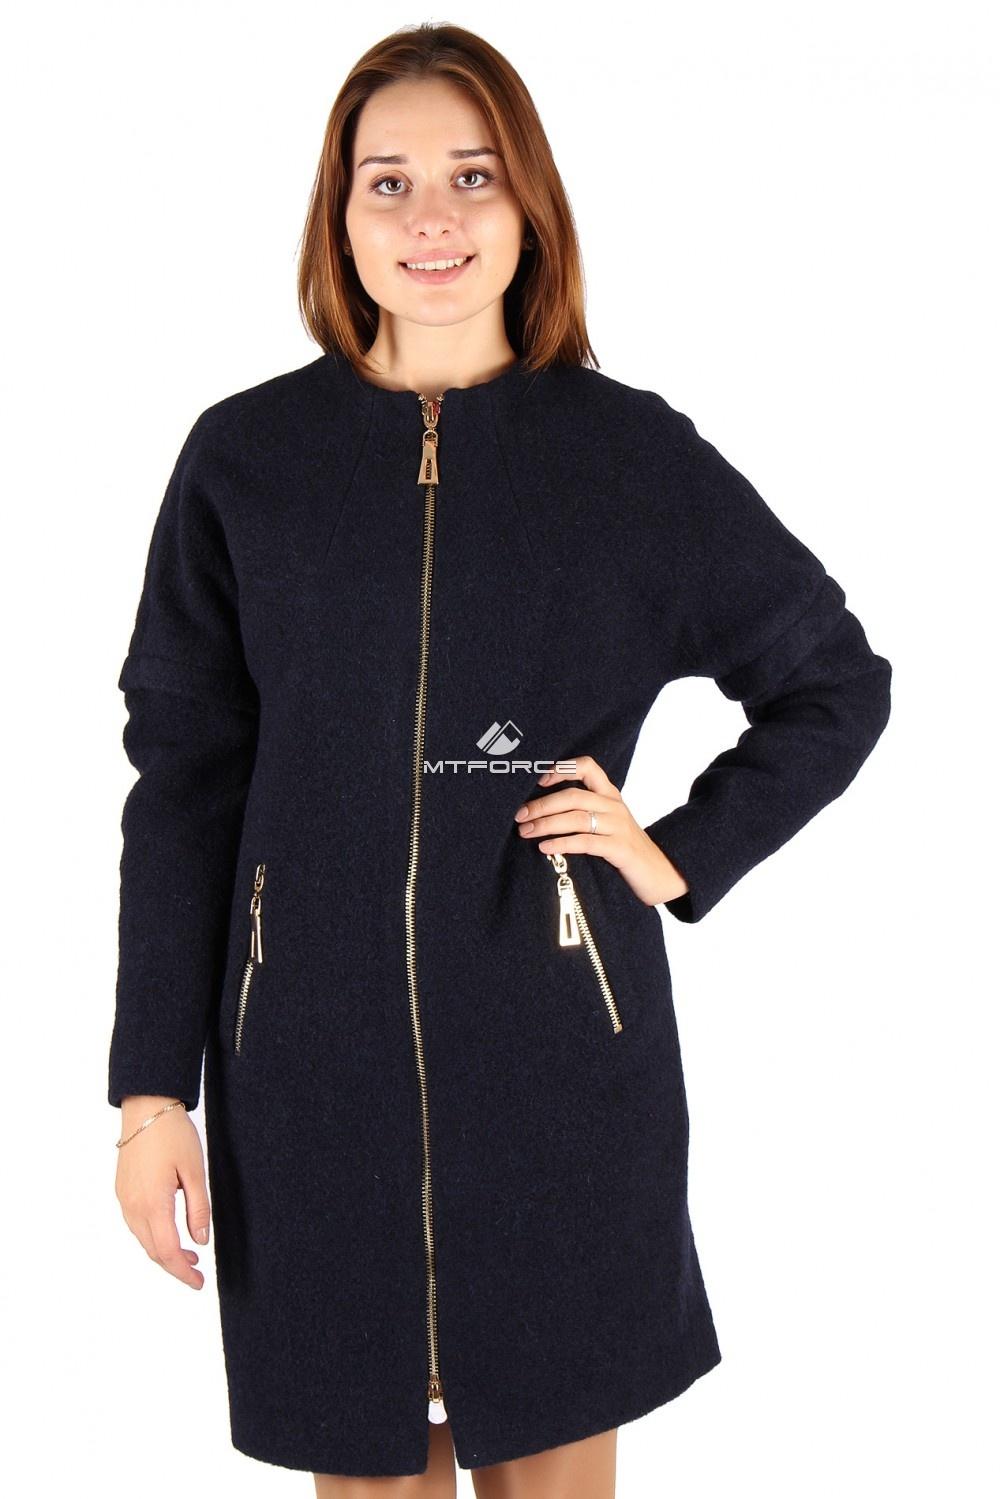 Купить                                  оптом Пальто женское черного цвета 373-1Ch в Санкт-Петербурге